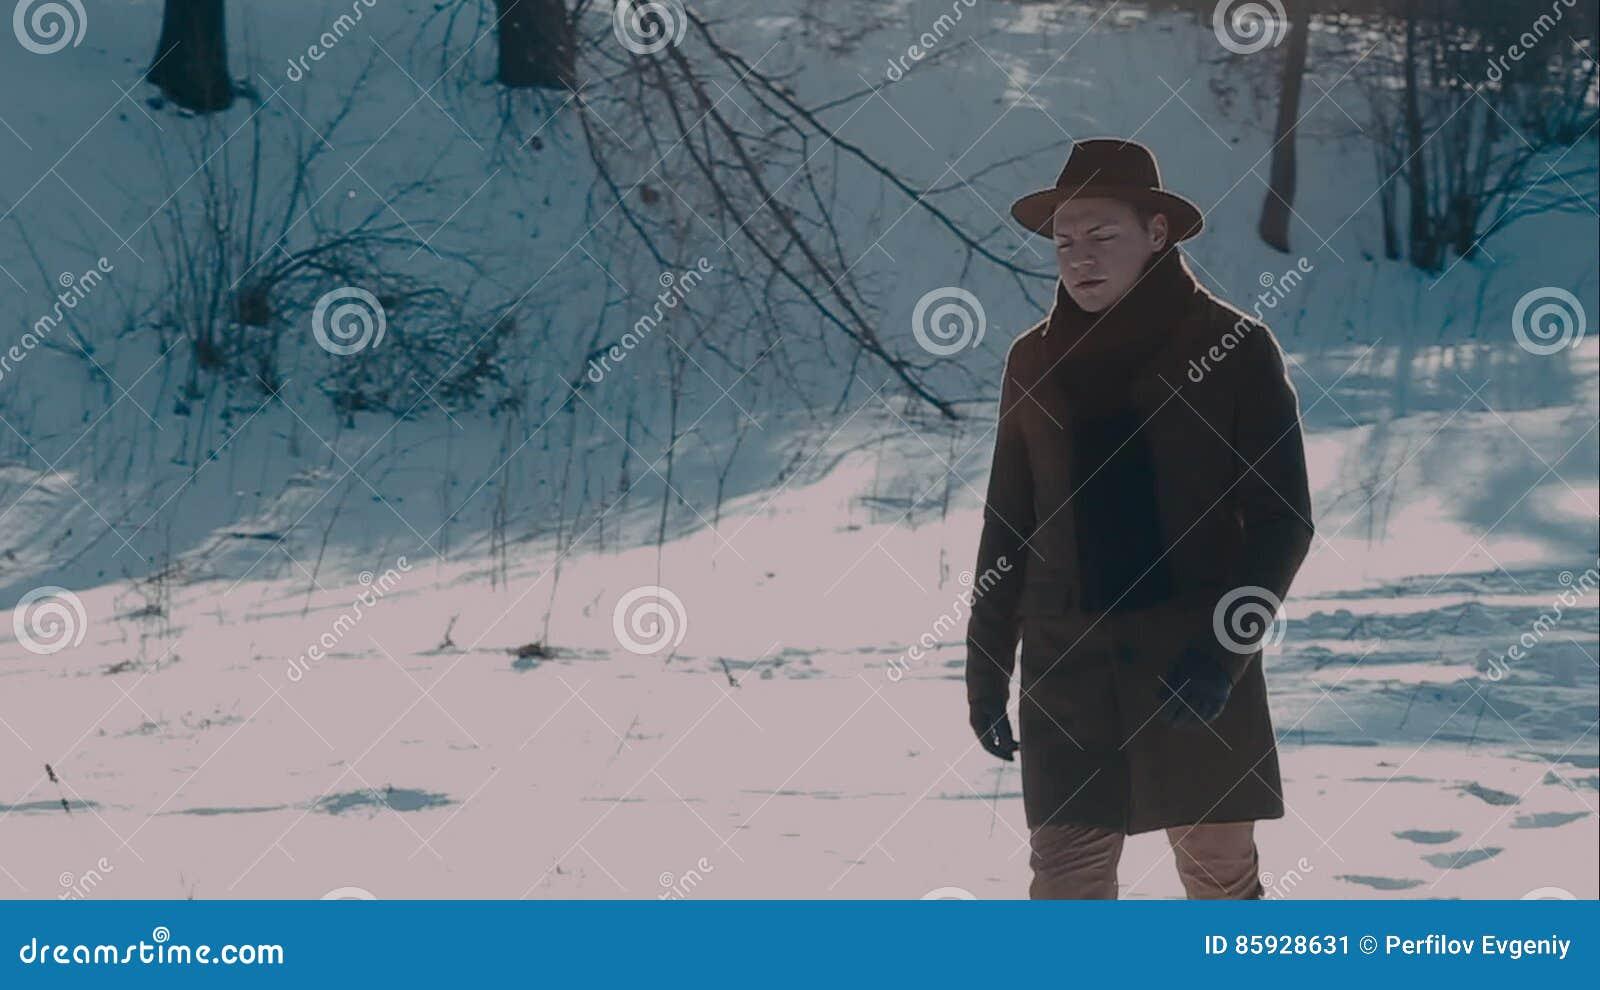 Vient Feutre Manteau Un Et De Bois Dans Les Chapeau Homme xww0UCHqT